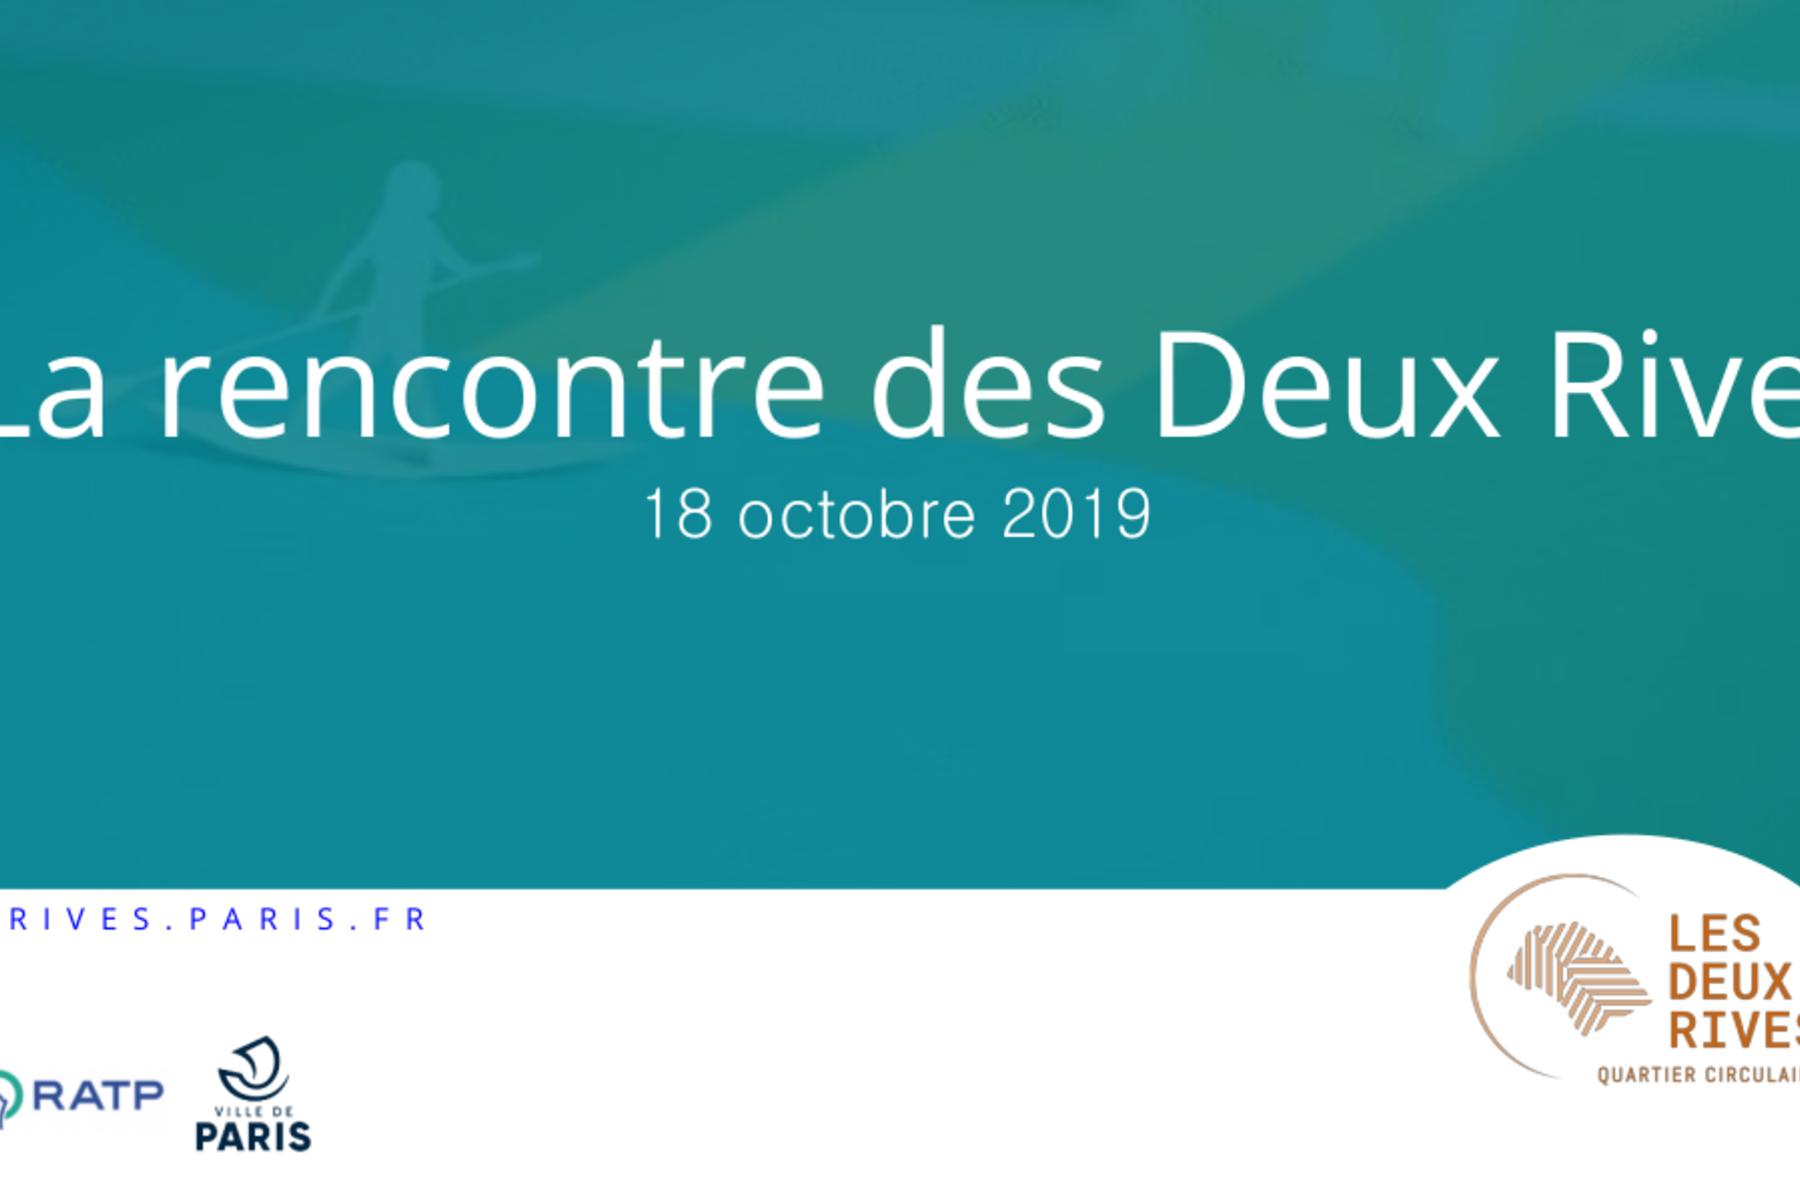 Illustration pour l'actualité Retrouvez le diaporama de la rencontre des Deux Rives du 18 octobre 2019